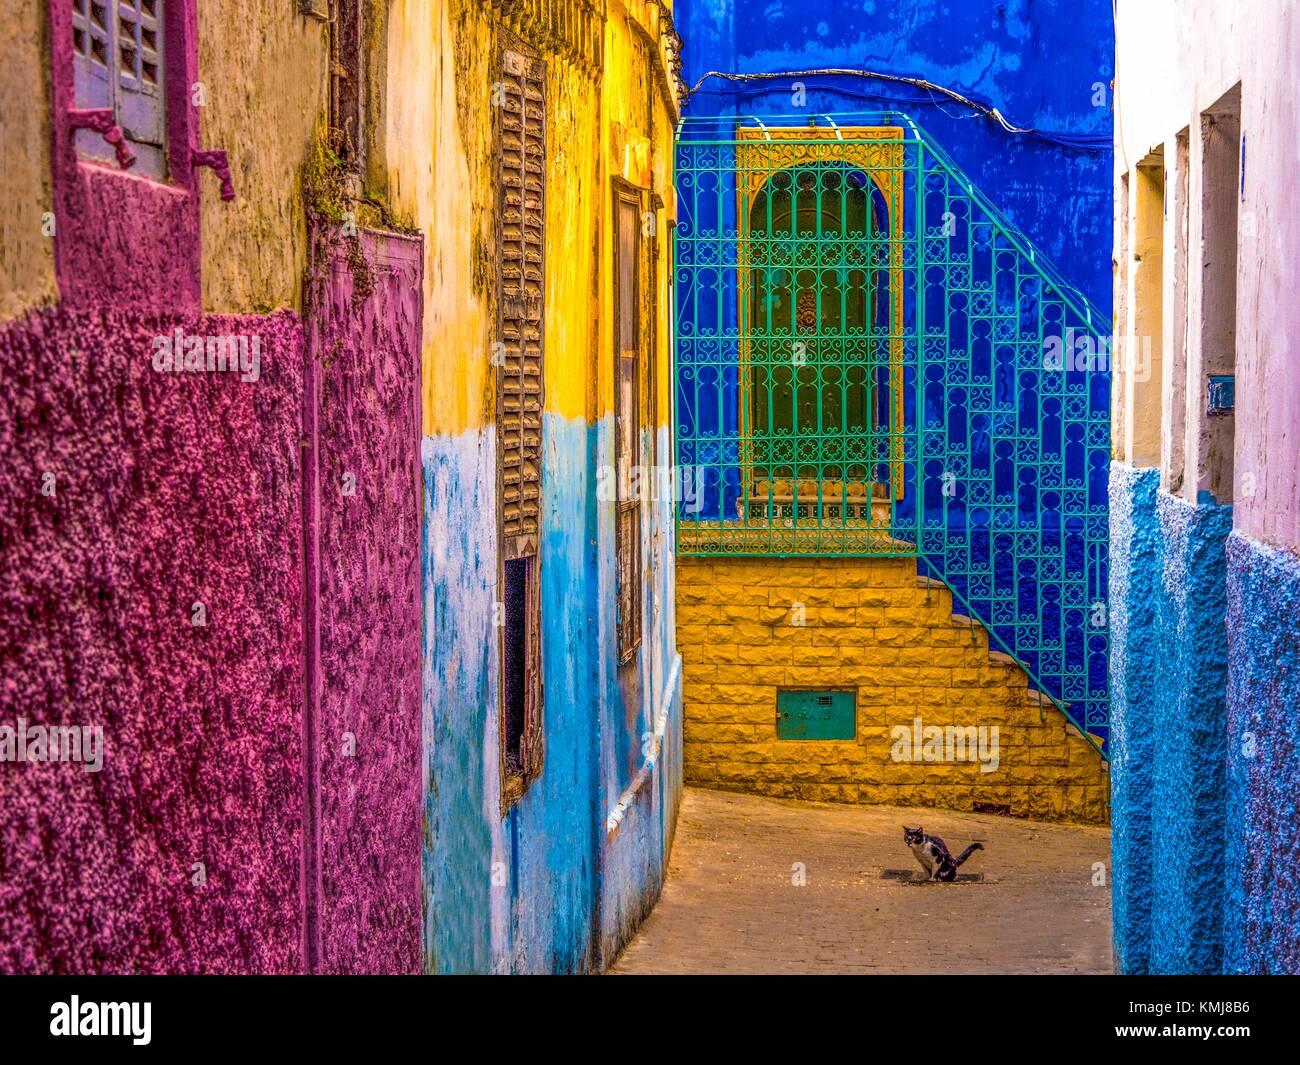 Marruecos, Tánger, en el 'Medina' (parte vieja) de Tánger. Imagen De Stock